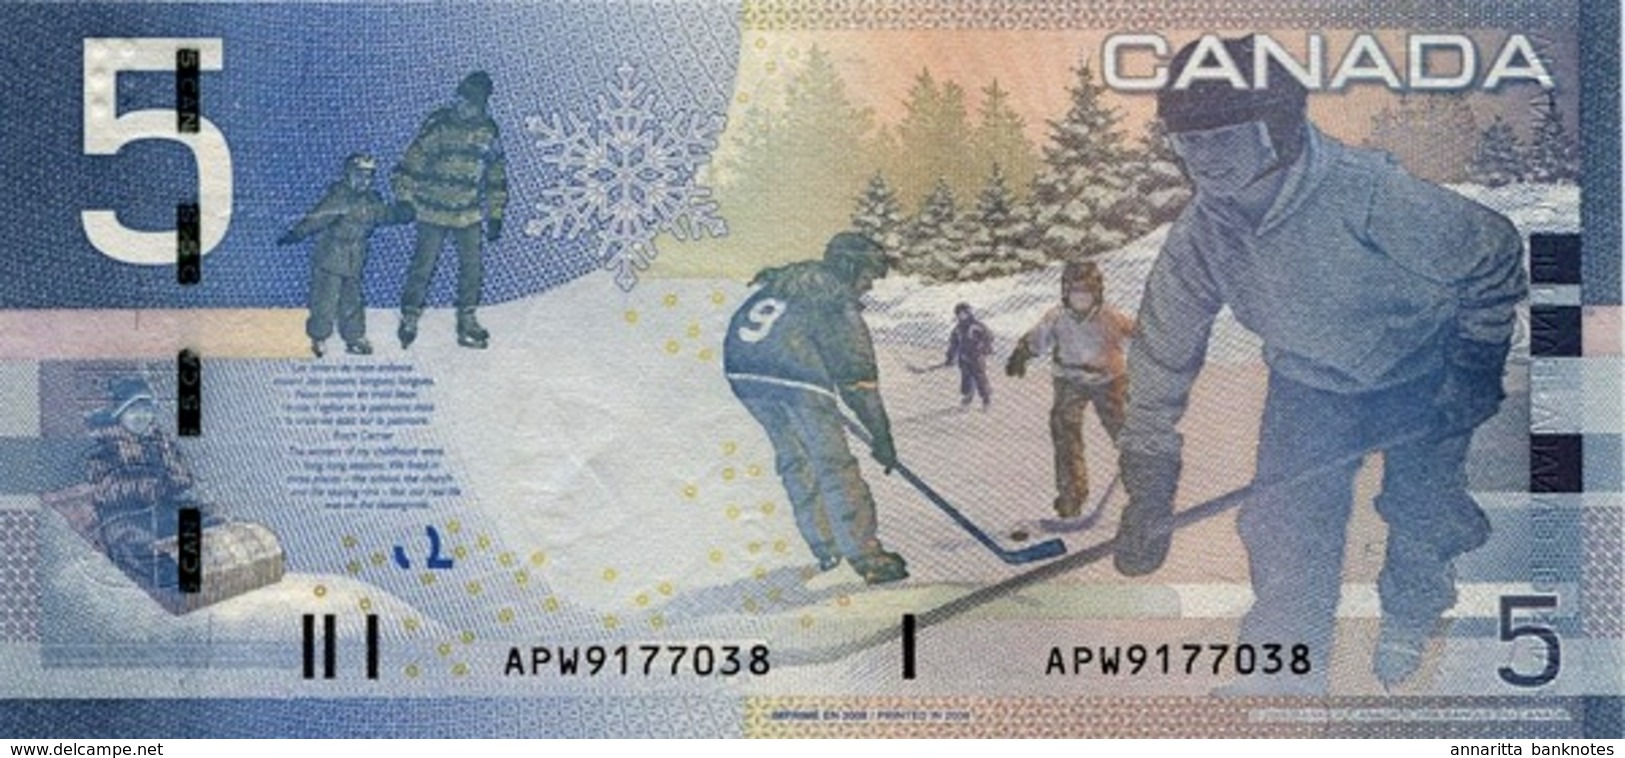 KANADA 5 DOLLARS 2006 (2008) P-101Ab I (BFR) SIGN. JENKINS & CARNEY [CA366b] - Canada